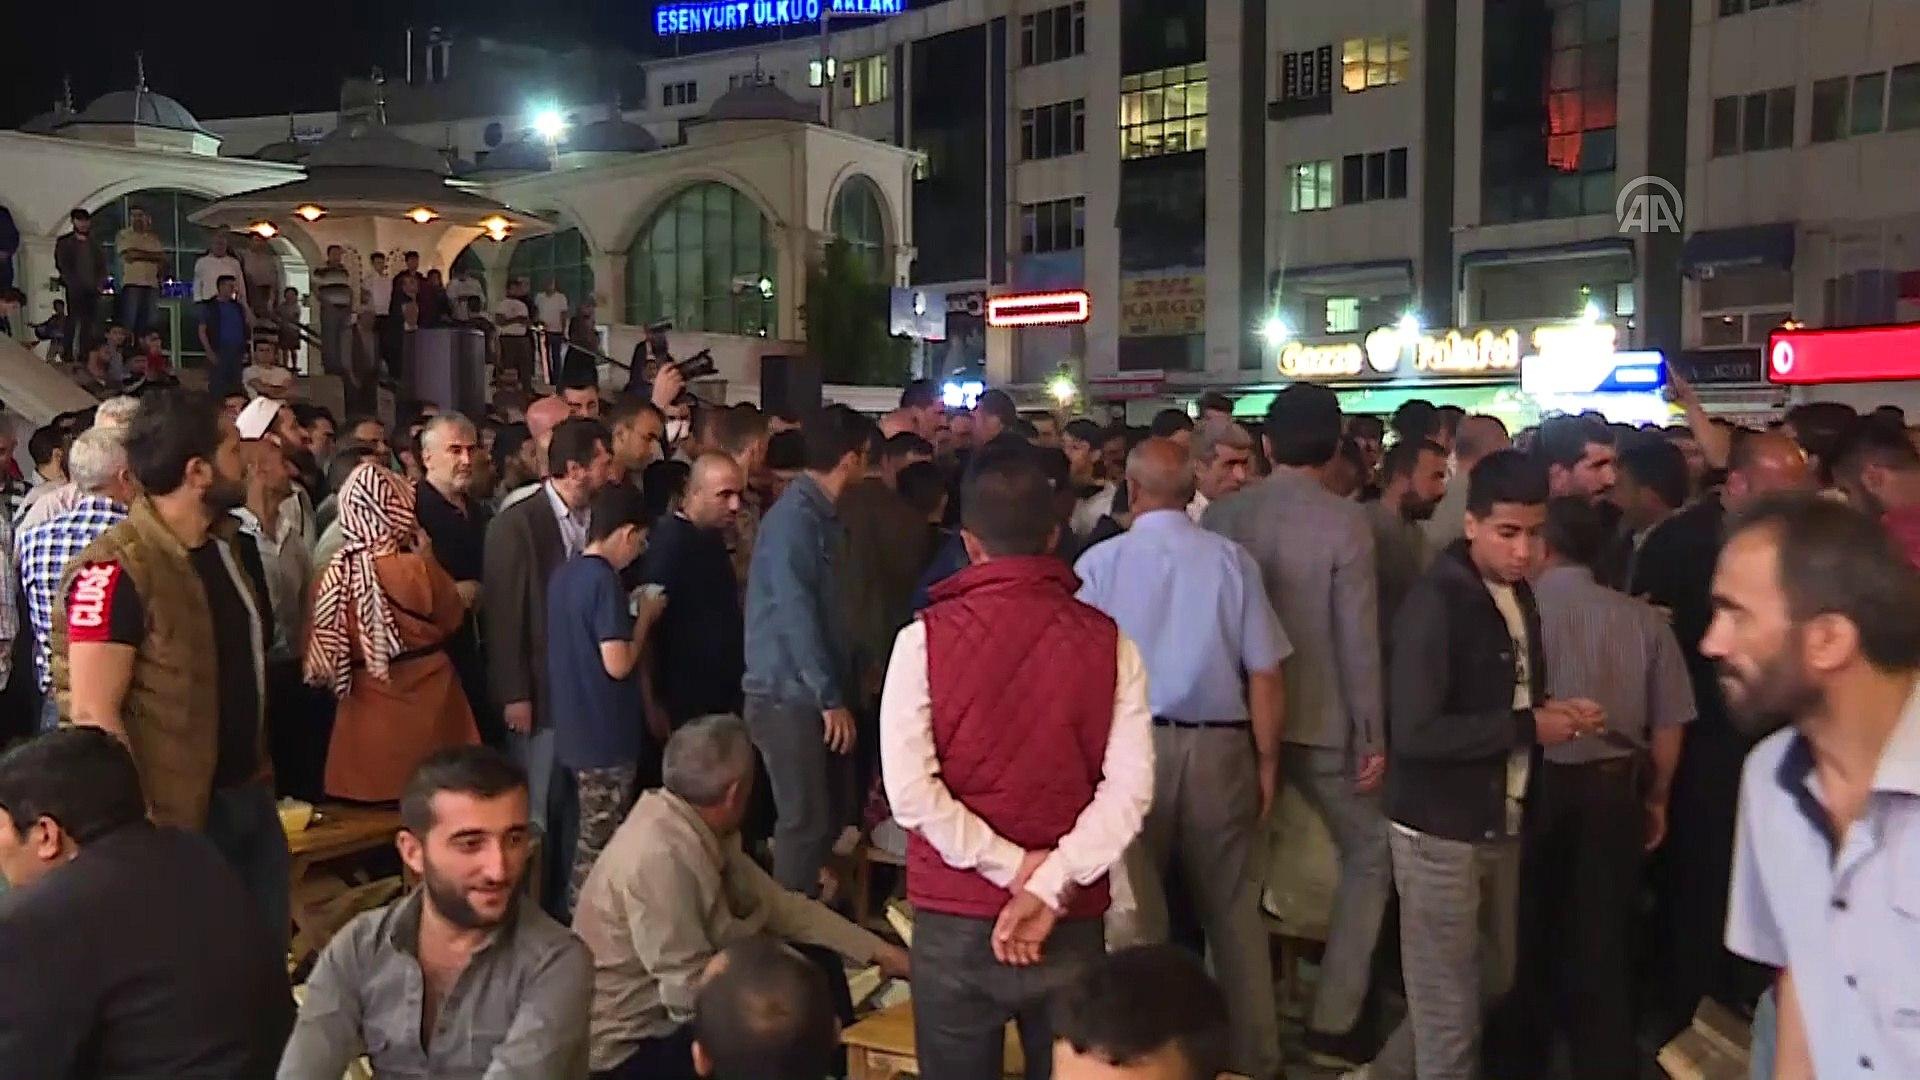 İçişleri Bakanı Soylu: 'İstanbul'u CHP zihniyetine teslim etmeyin' - İSTANBUL